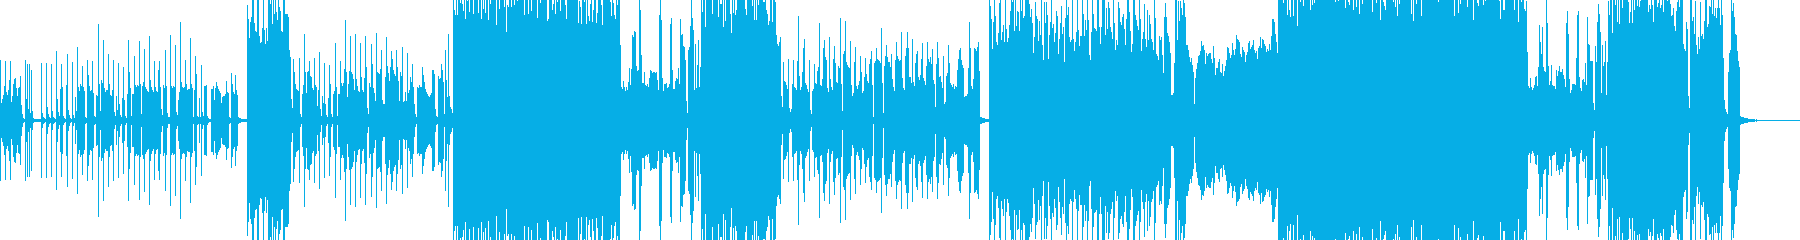 ダークメルヘンなカントリーロックの再生済みの波形